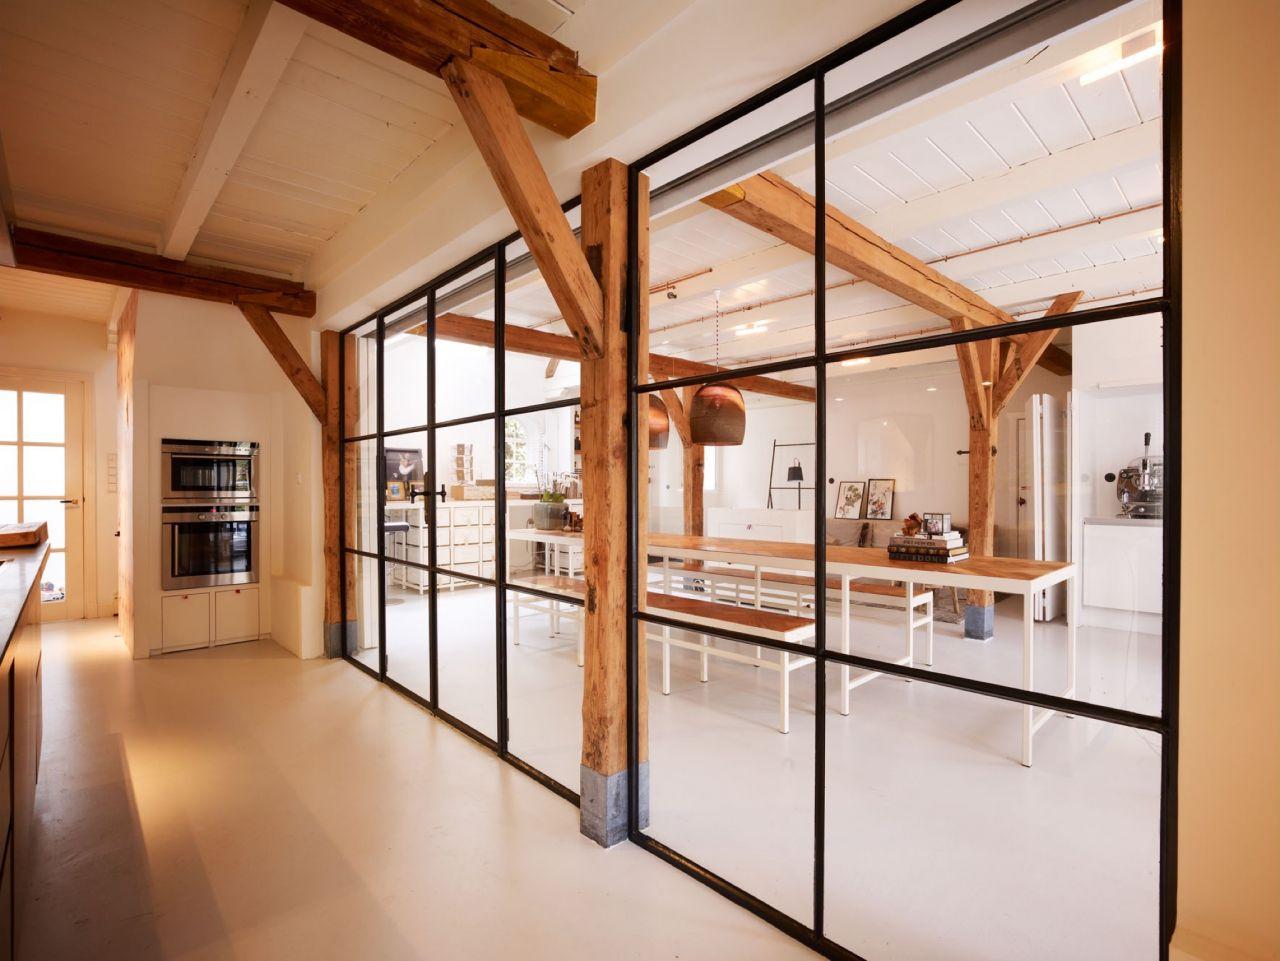 Stalen binnenkozijn als roomdivider tussen keuken en home-office in Voorburg.